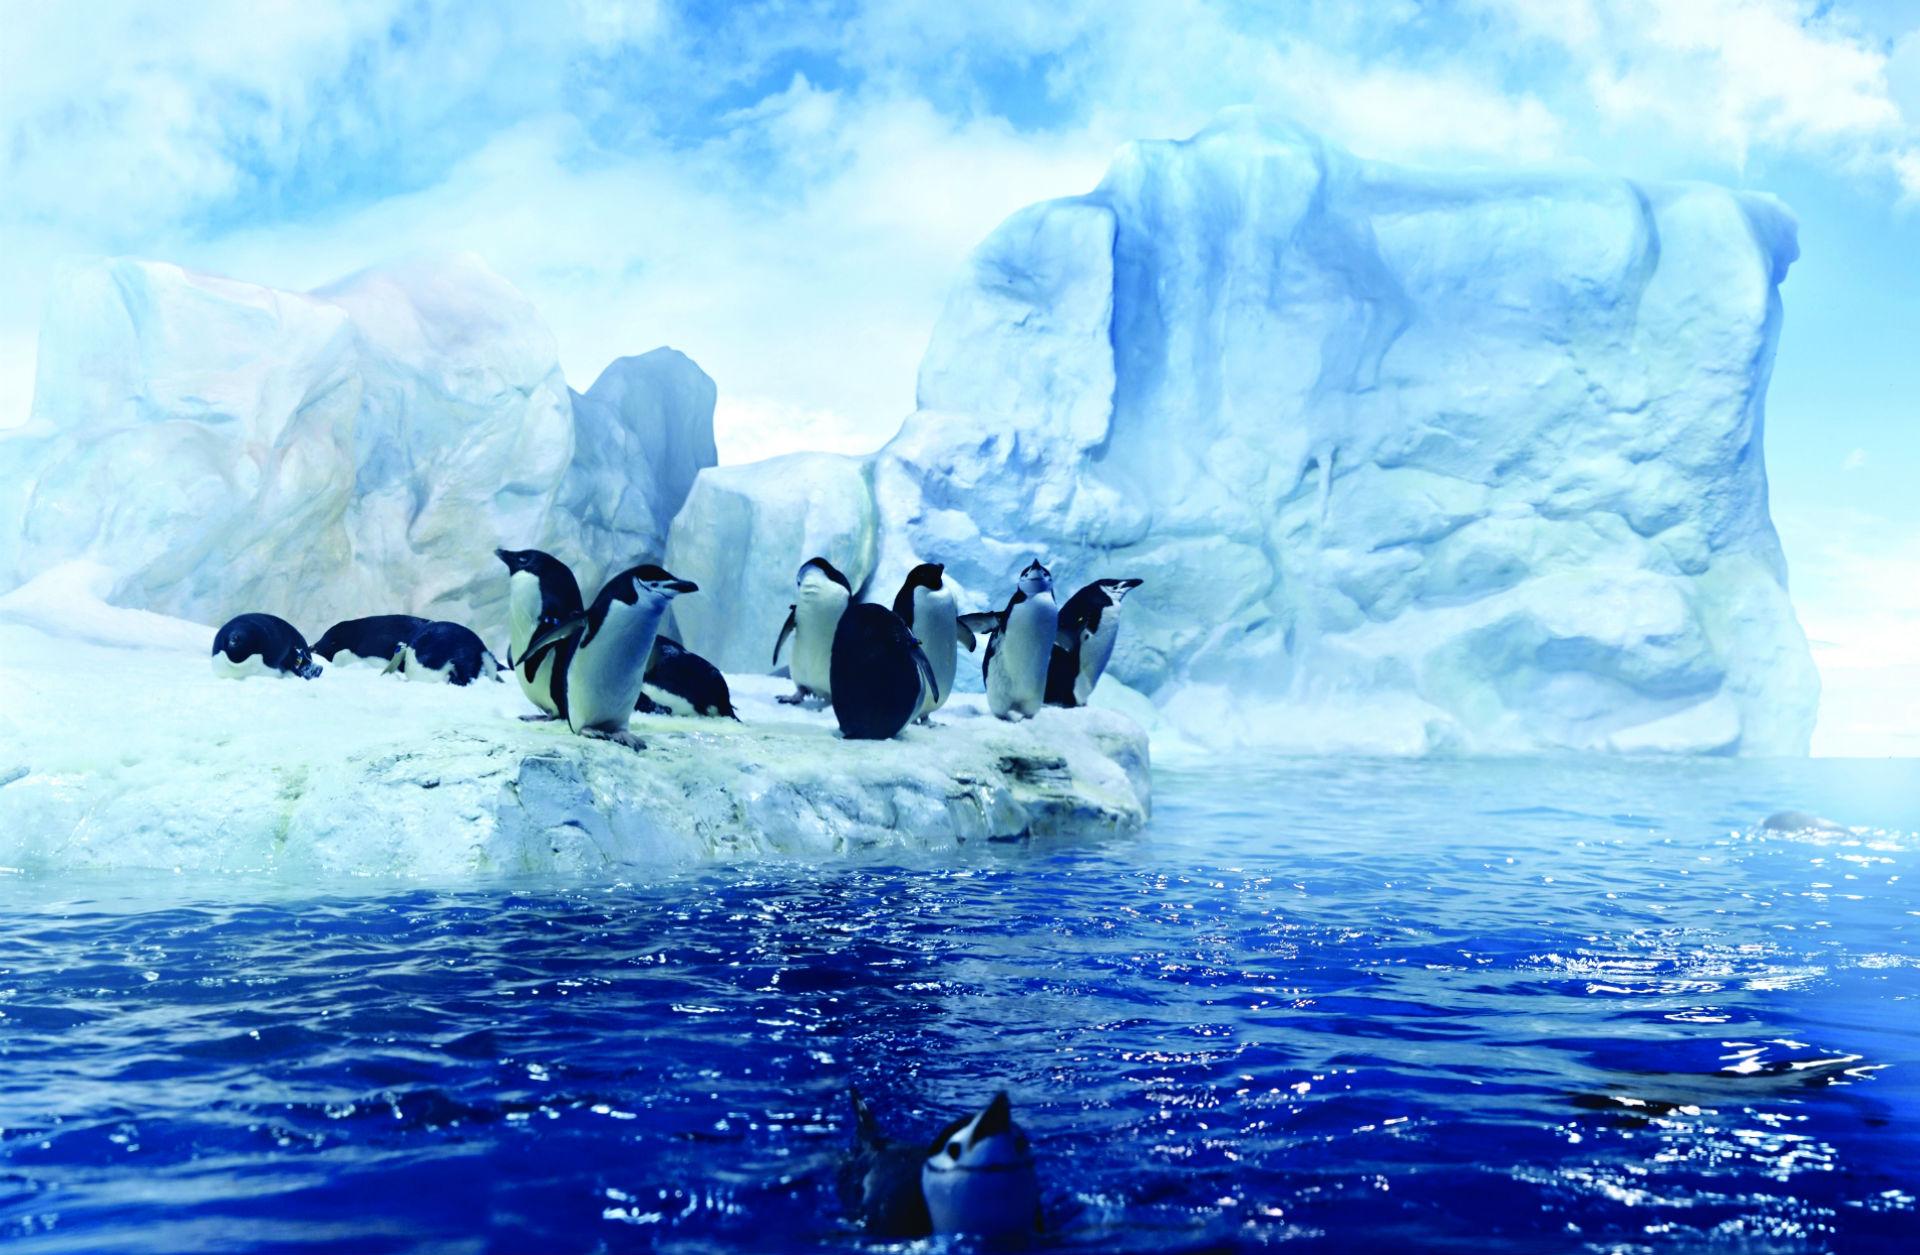 первую обои на рабочий стол пингвины на льдине туз фото